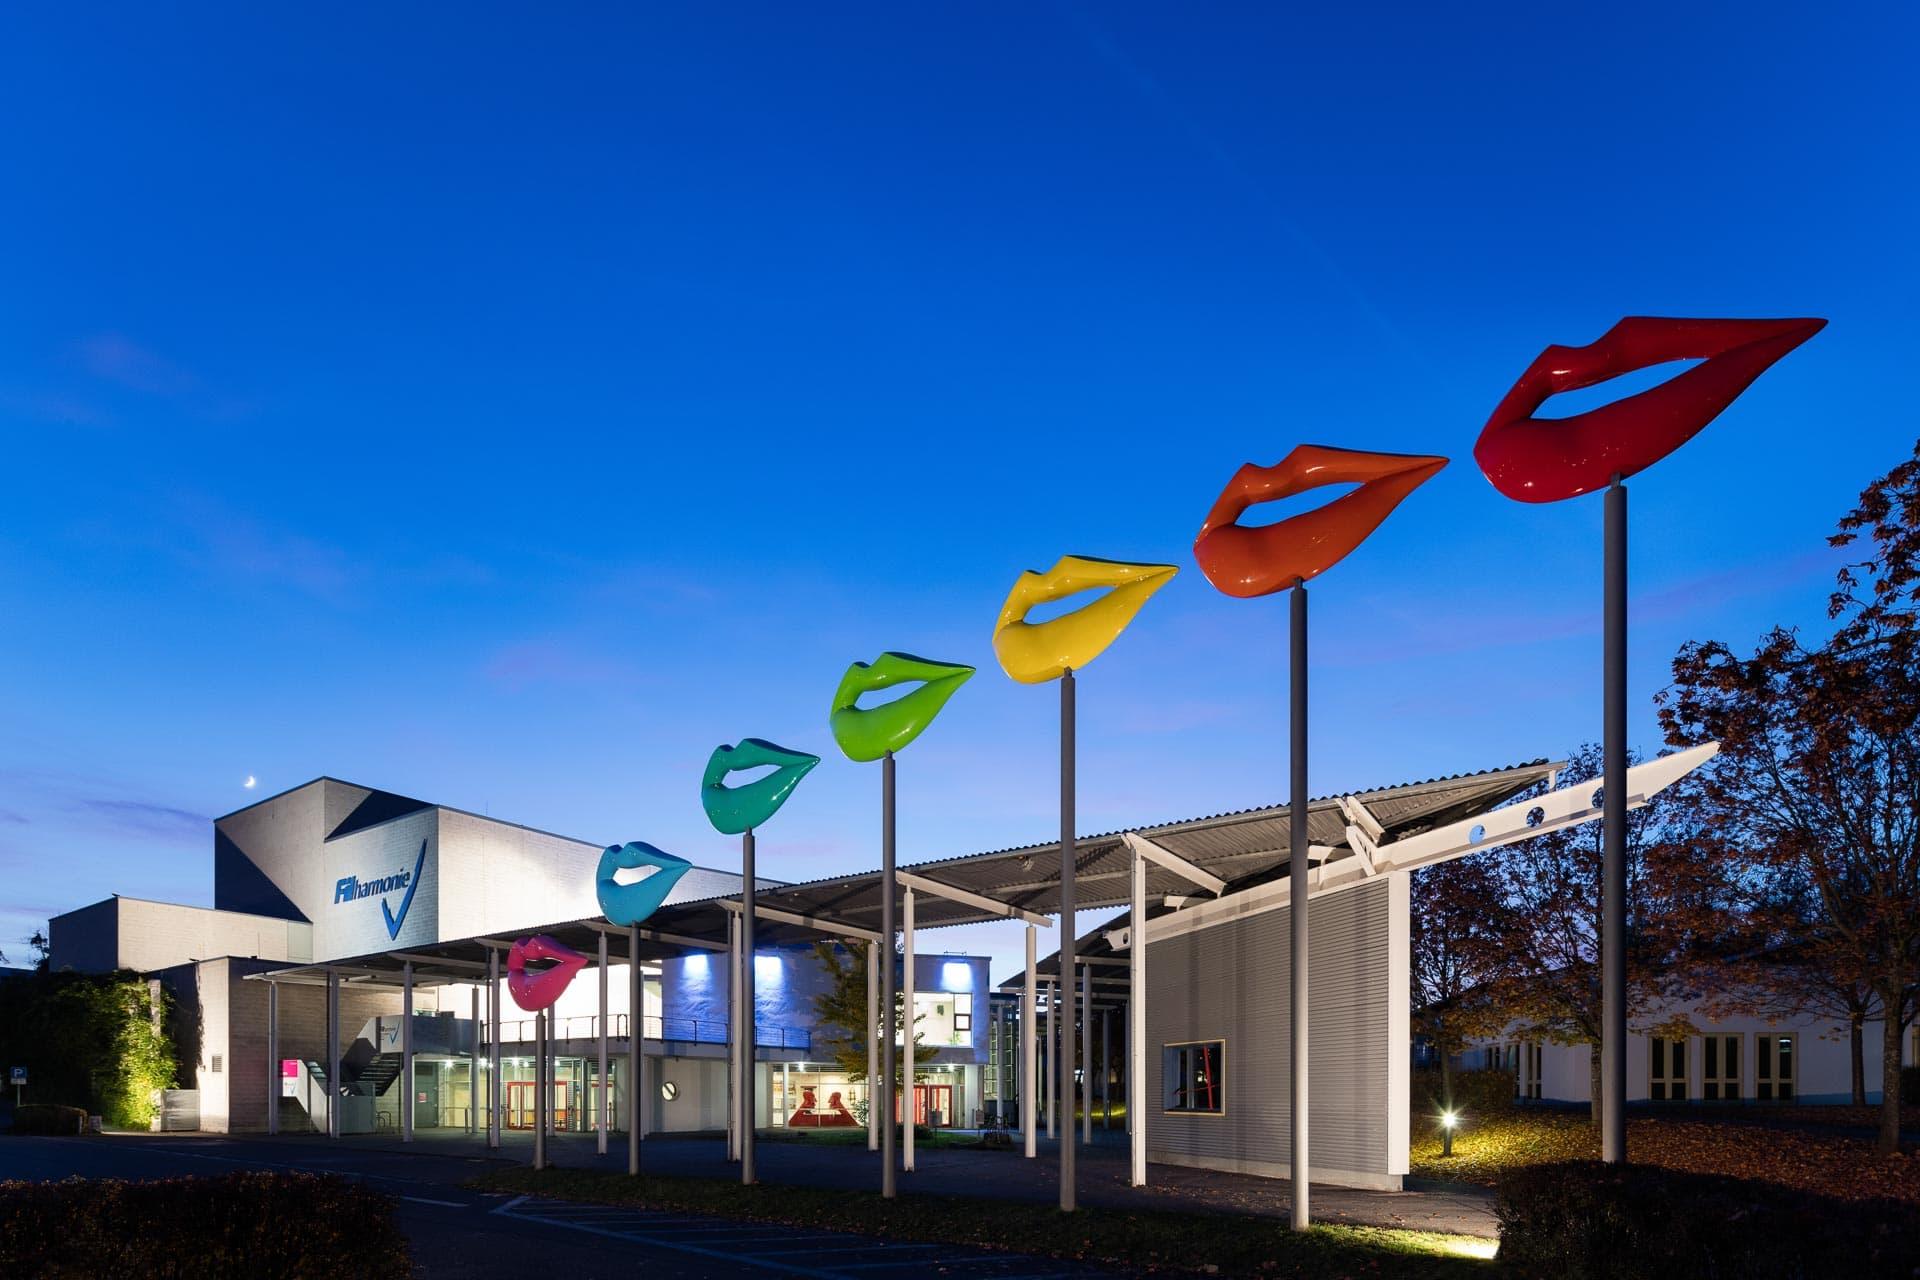 Architektur-Fotografie in Filderstadt